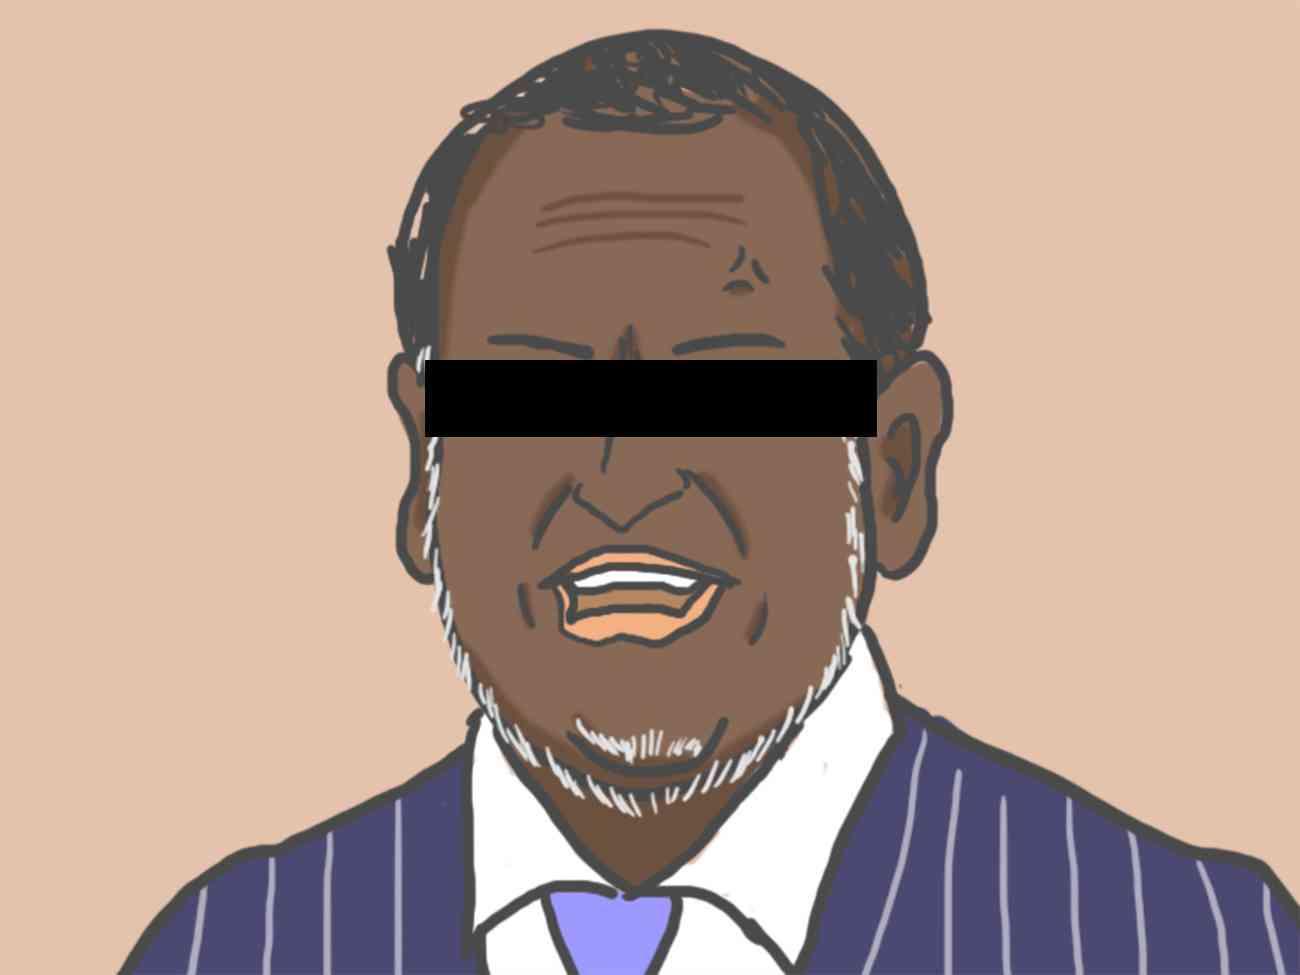 【黒歴史】逮捕歴のある意外な有名人15選! あの有名人も過去に逮捕されていた|ニュース&エンタメ情報『Yomerumo』